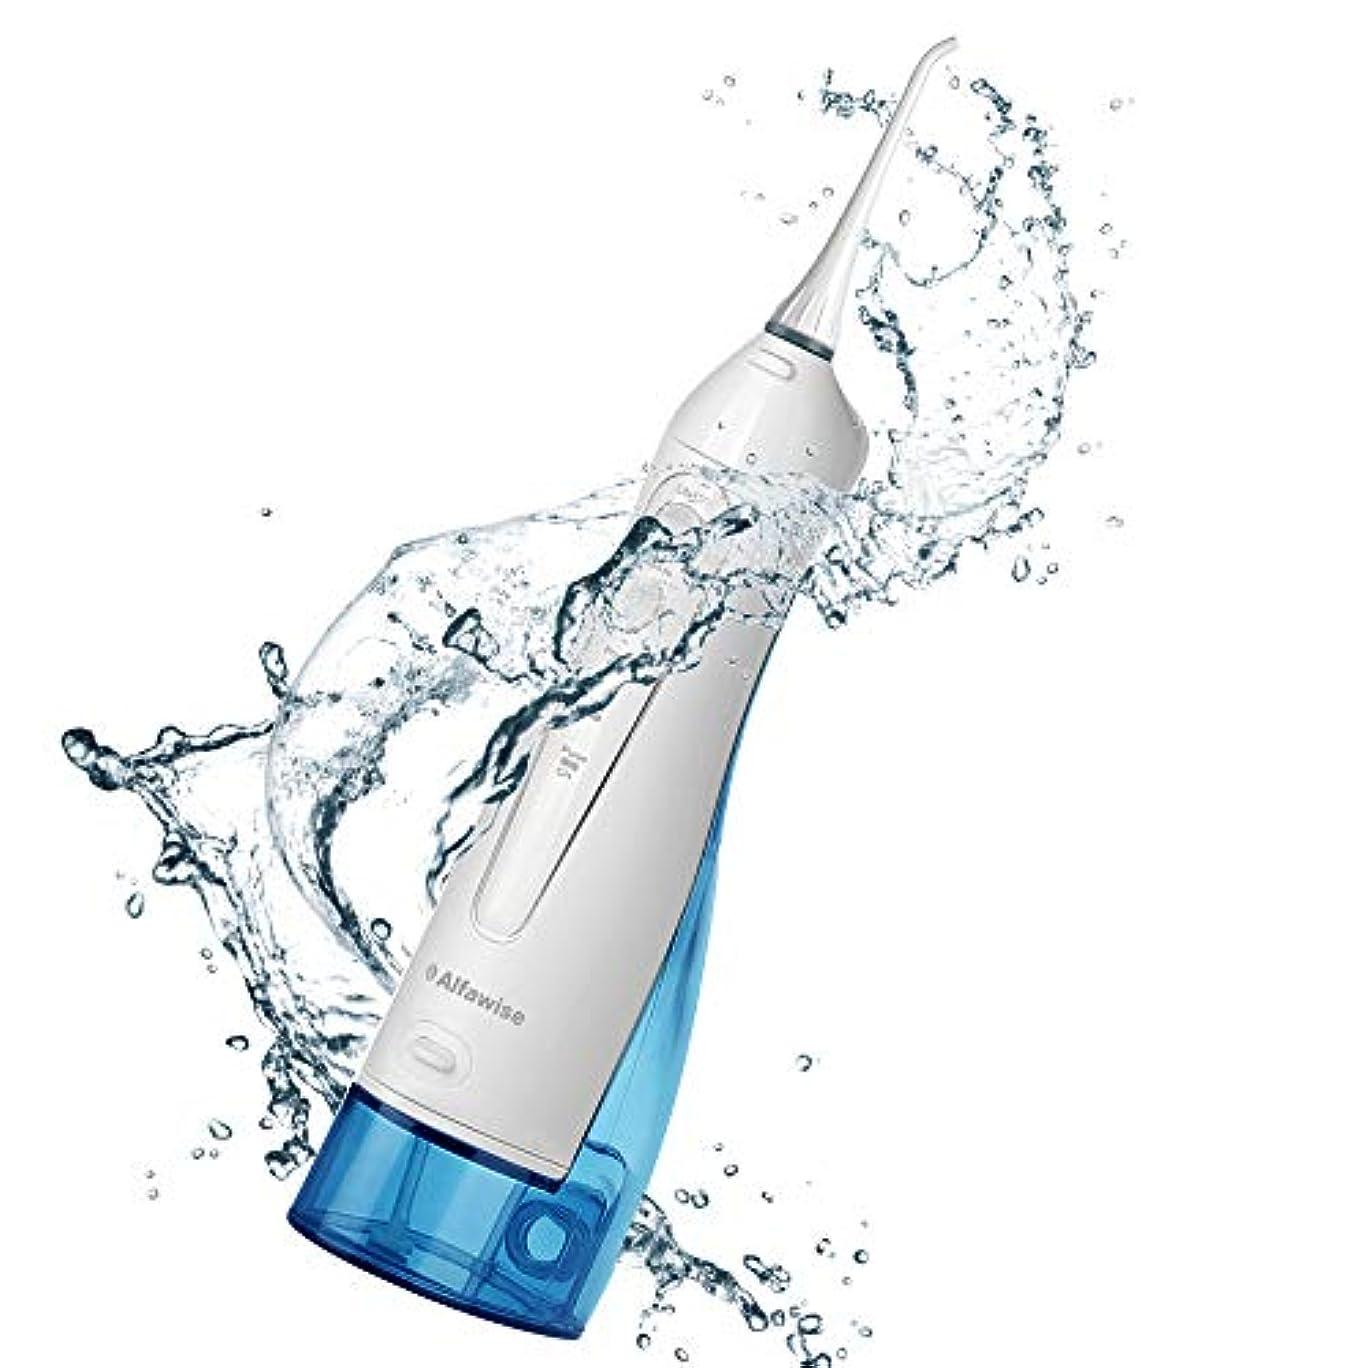 空中ペニー負電動歯磨き器3種類のオプションモードIPX7防水?防塵360°回転小型ノズル充電式口腔洗浄器2ノズル